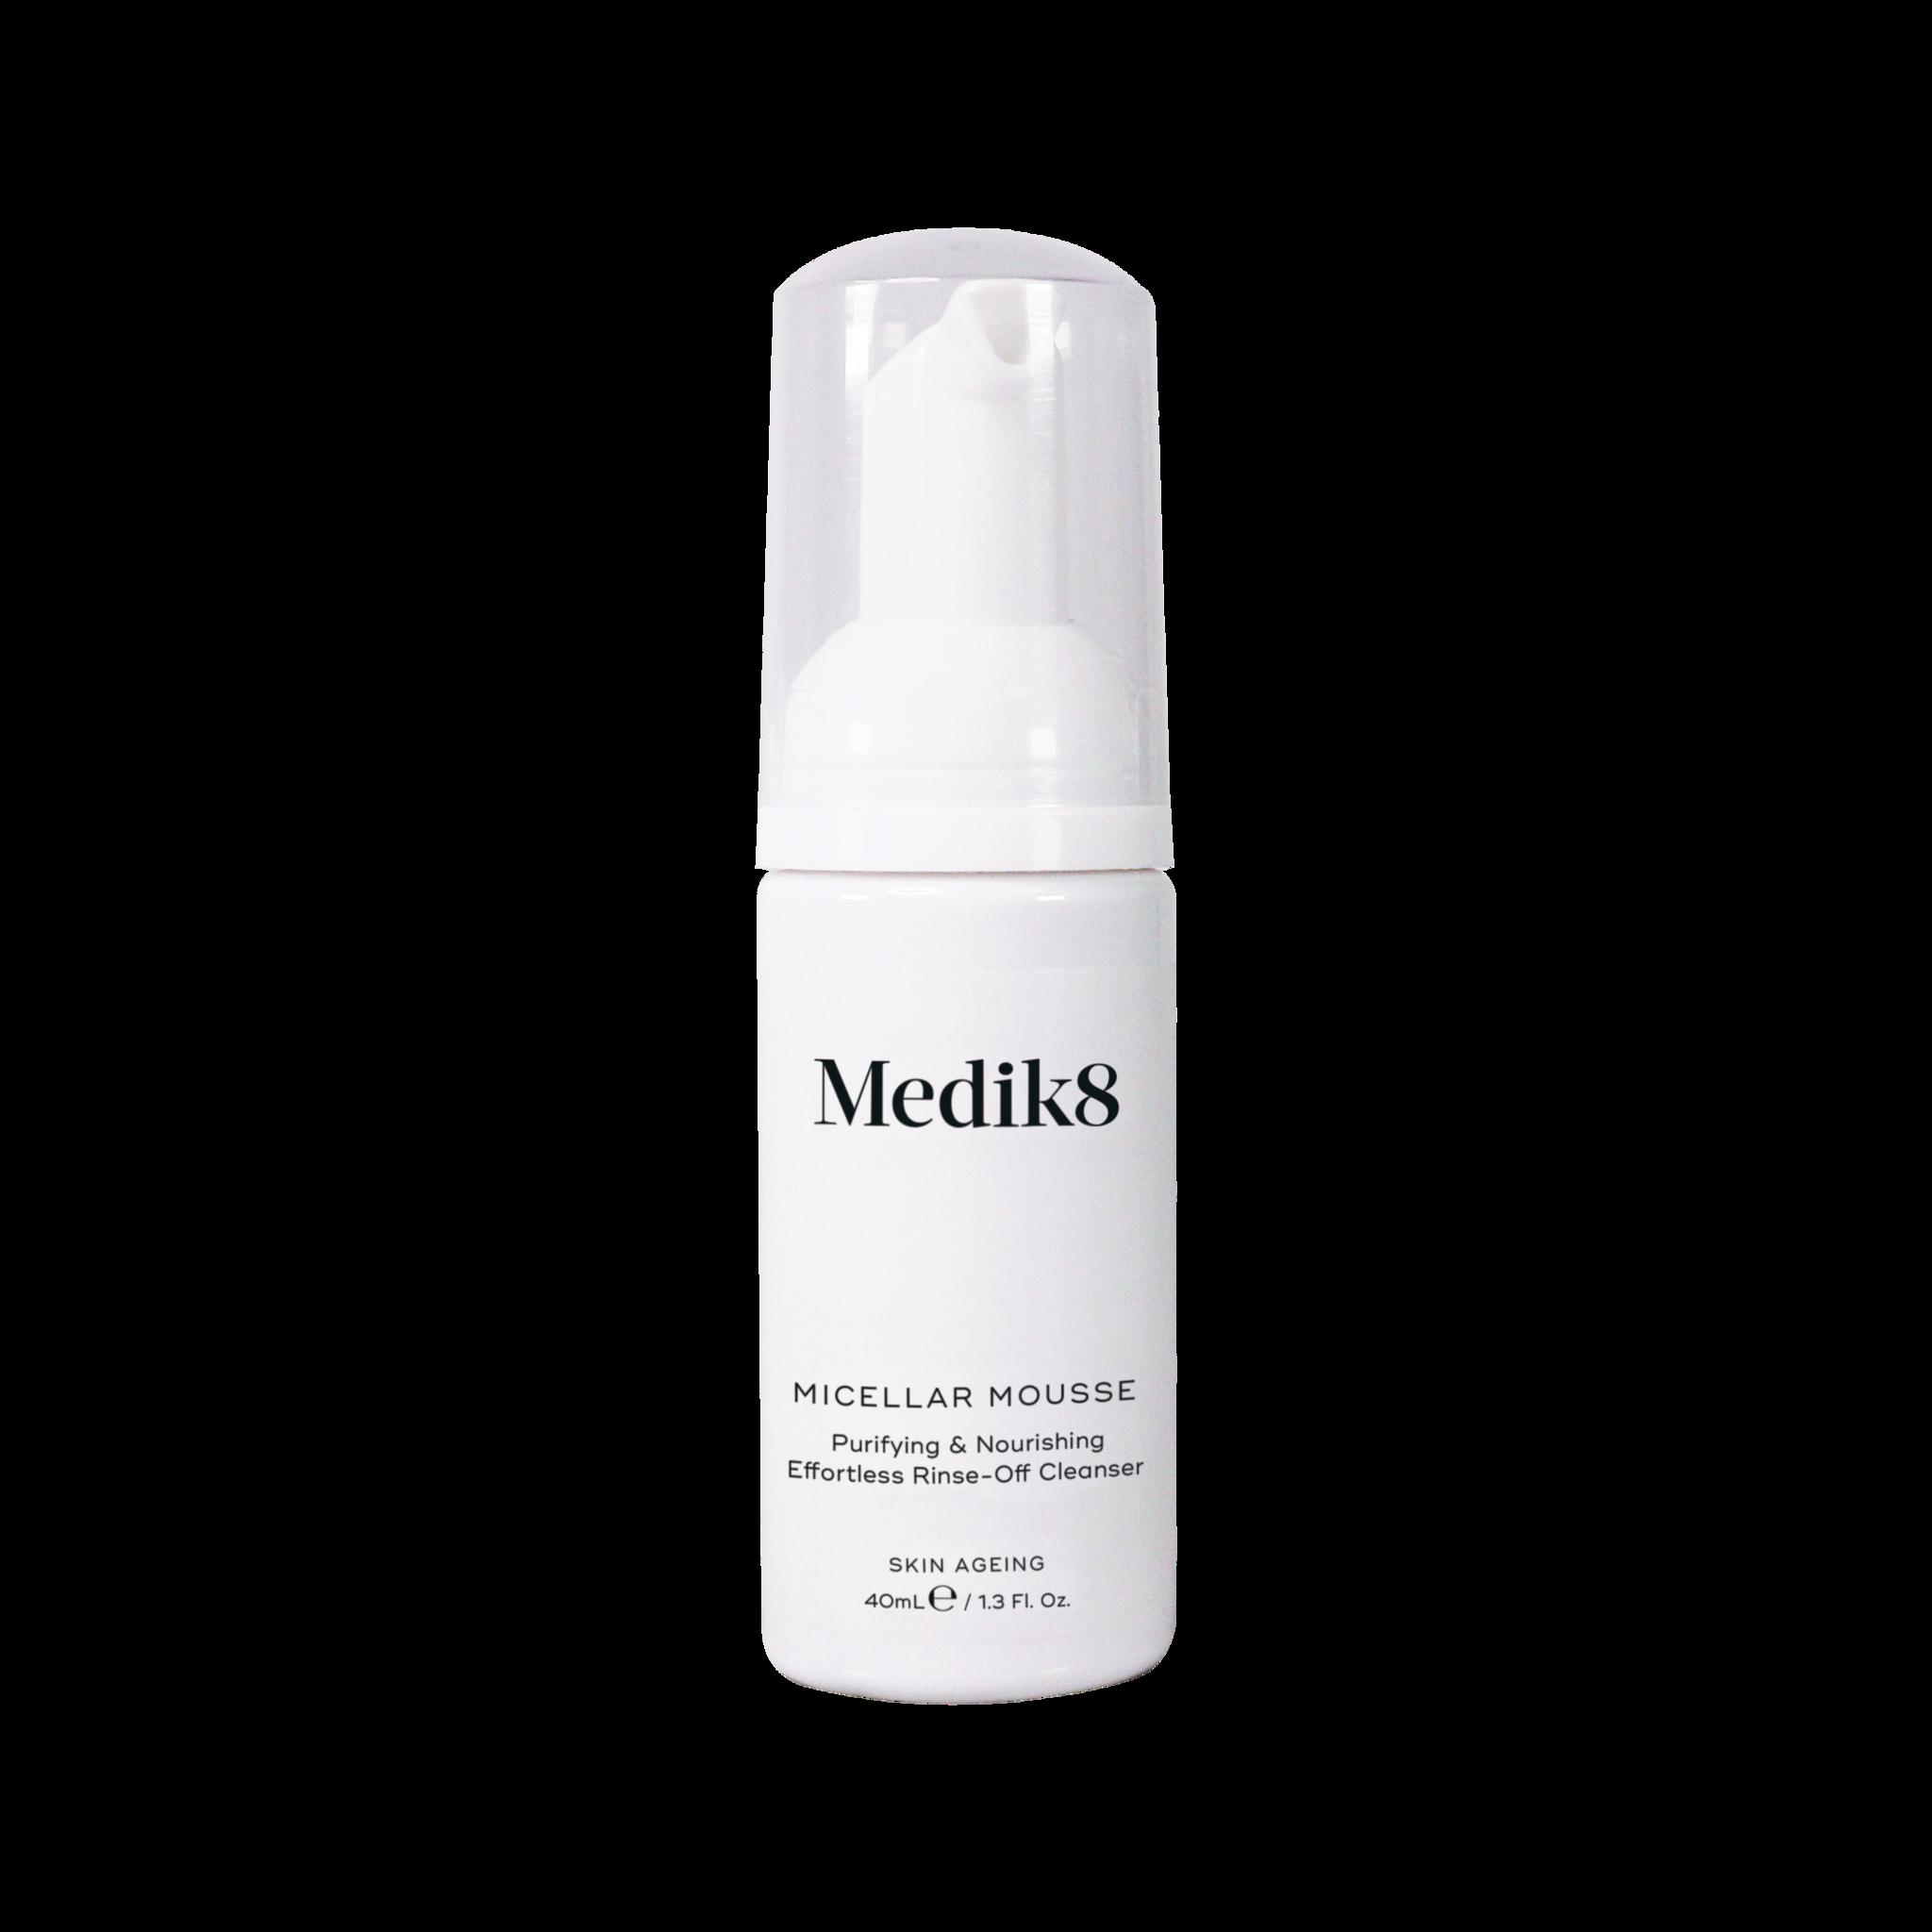 Medik8 Micellar Mousse   Purifying & Nourishing Effortless Rinse-Off Cleanser   40ml